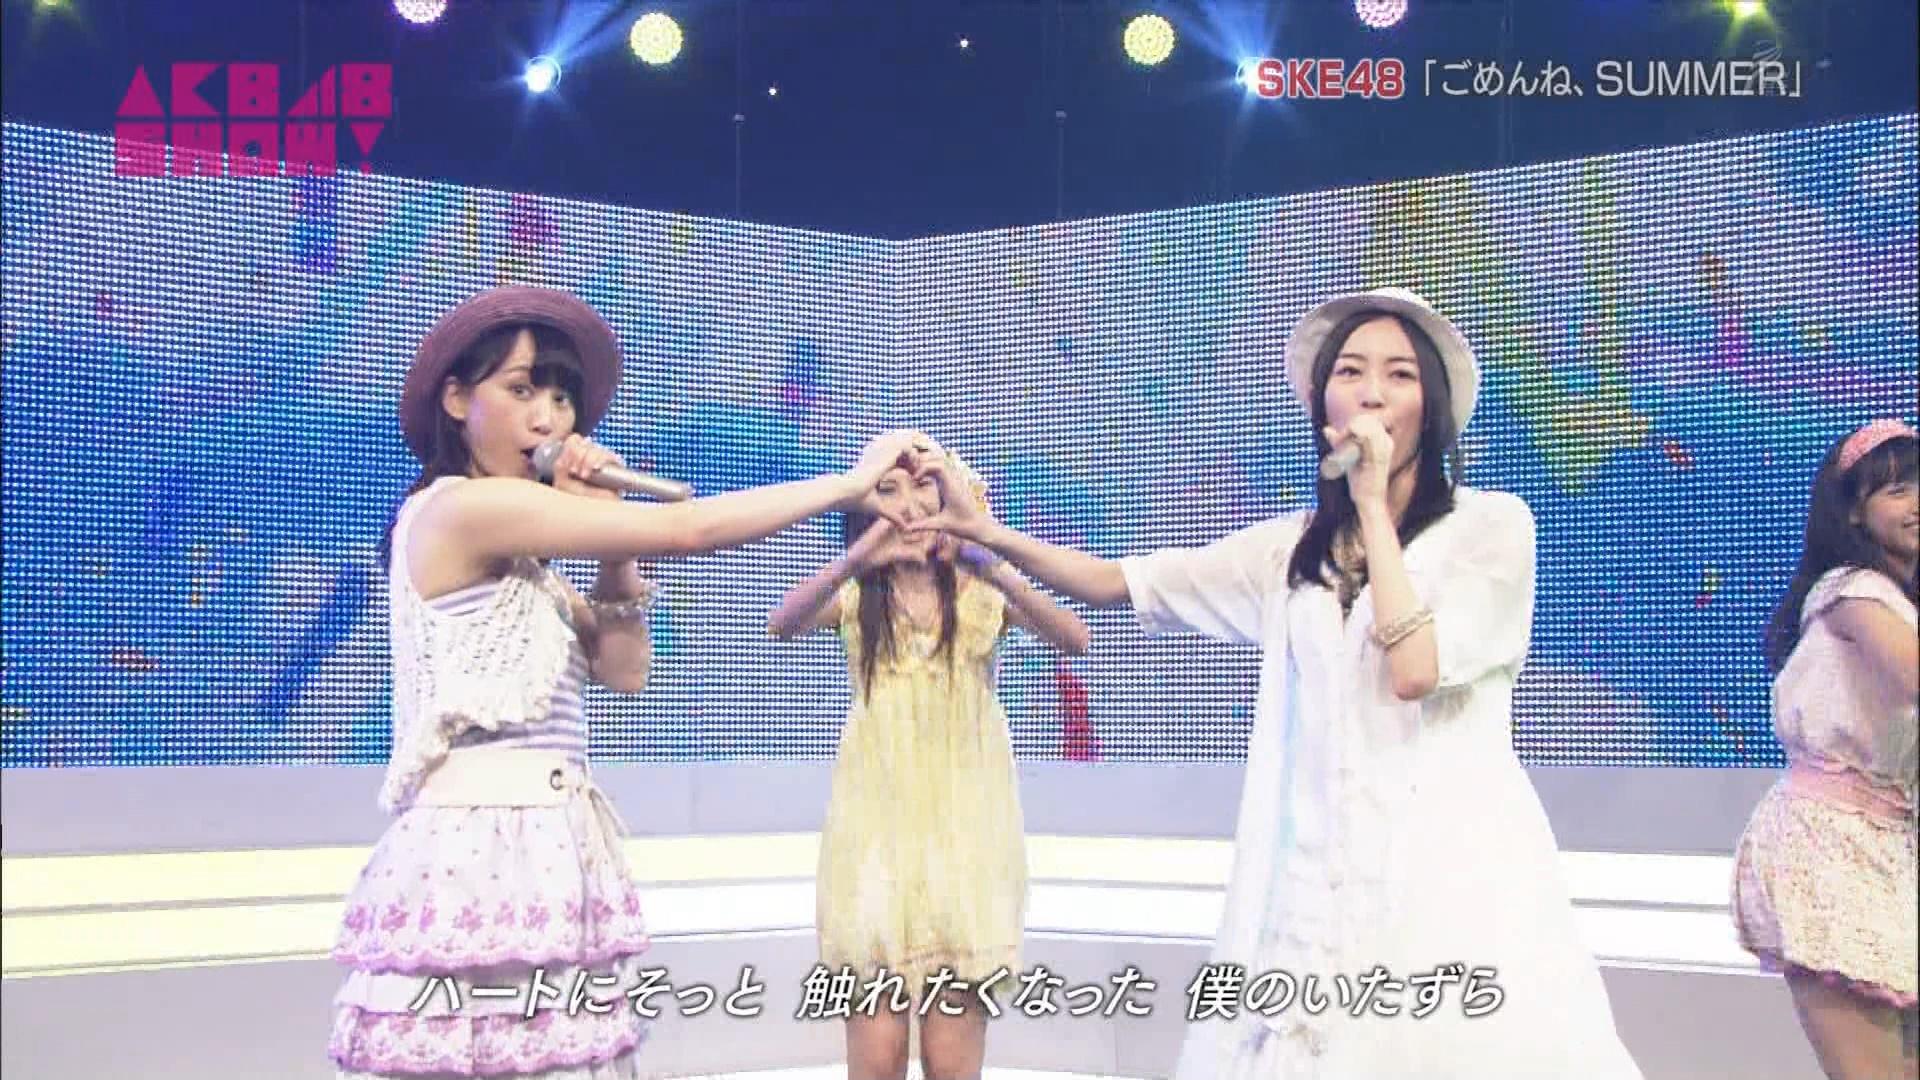 AKB48SHOW ごめんね、SUMMER 松井玲奈 20140830 (8)